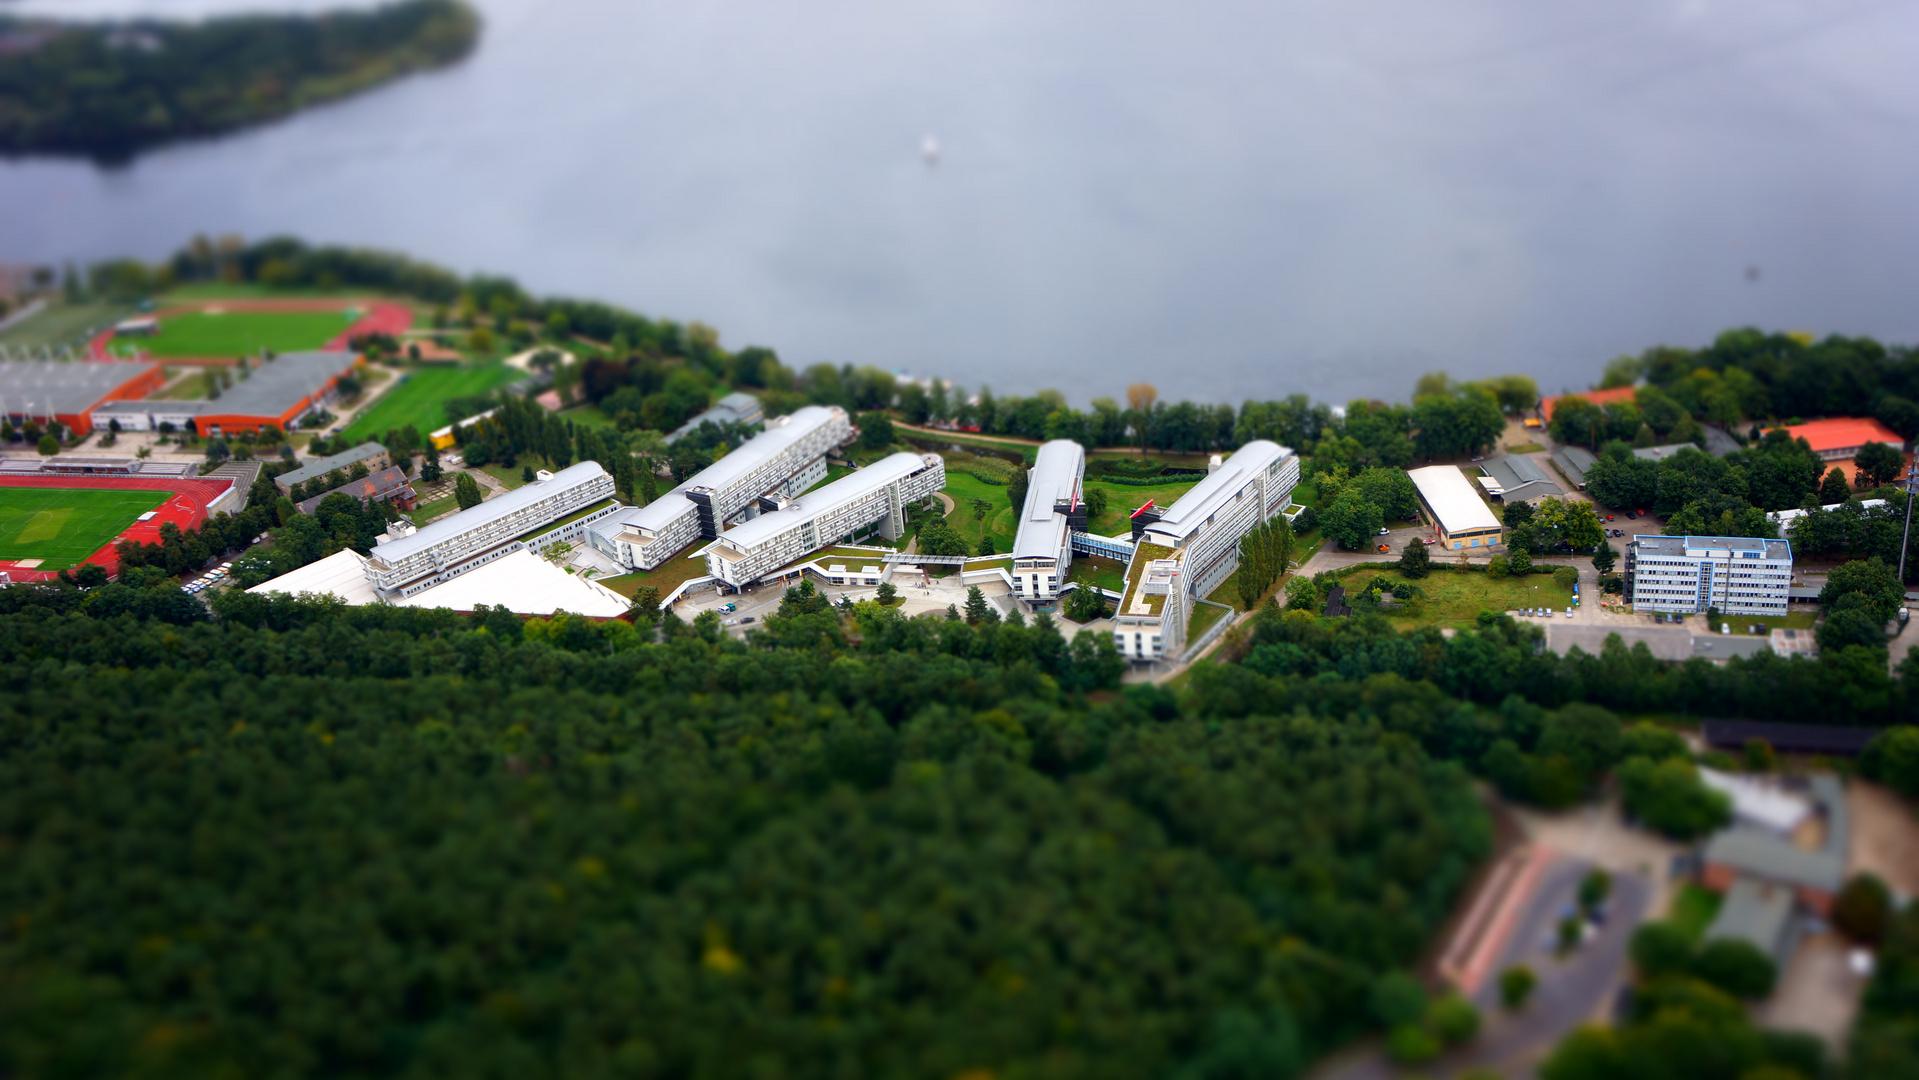 Hotelkomplex an der Pirschheide in Potsdam